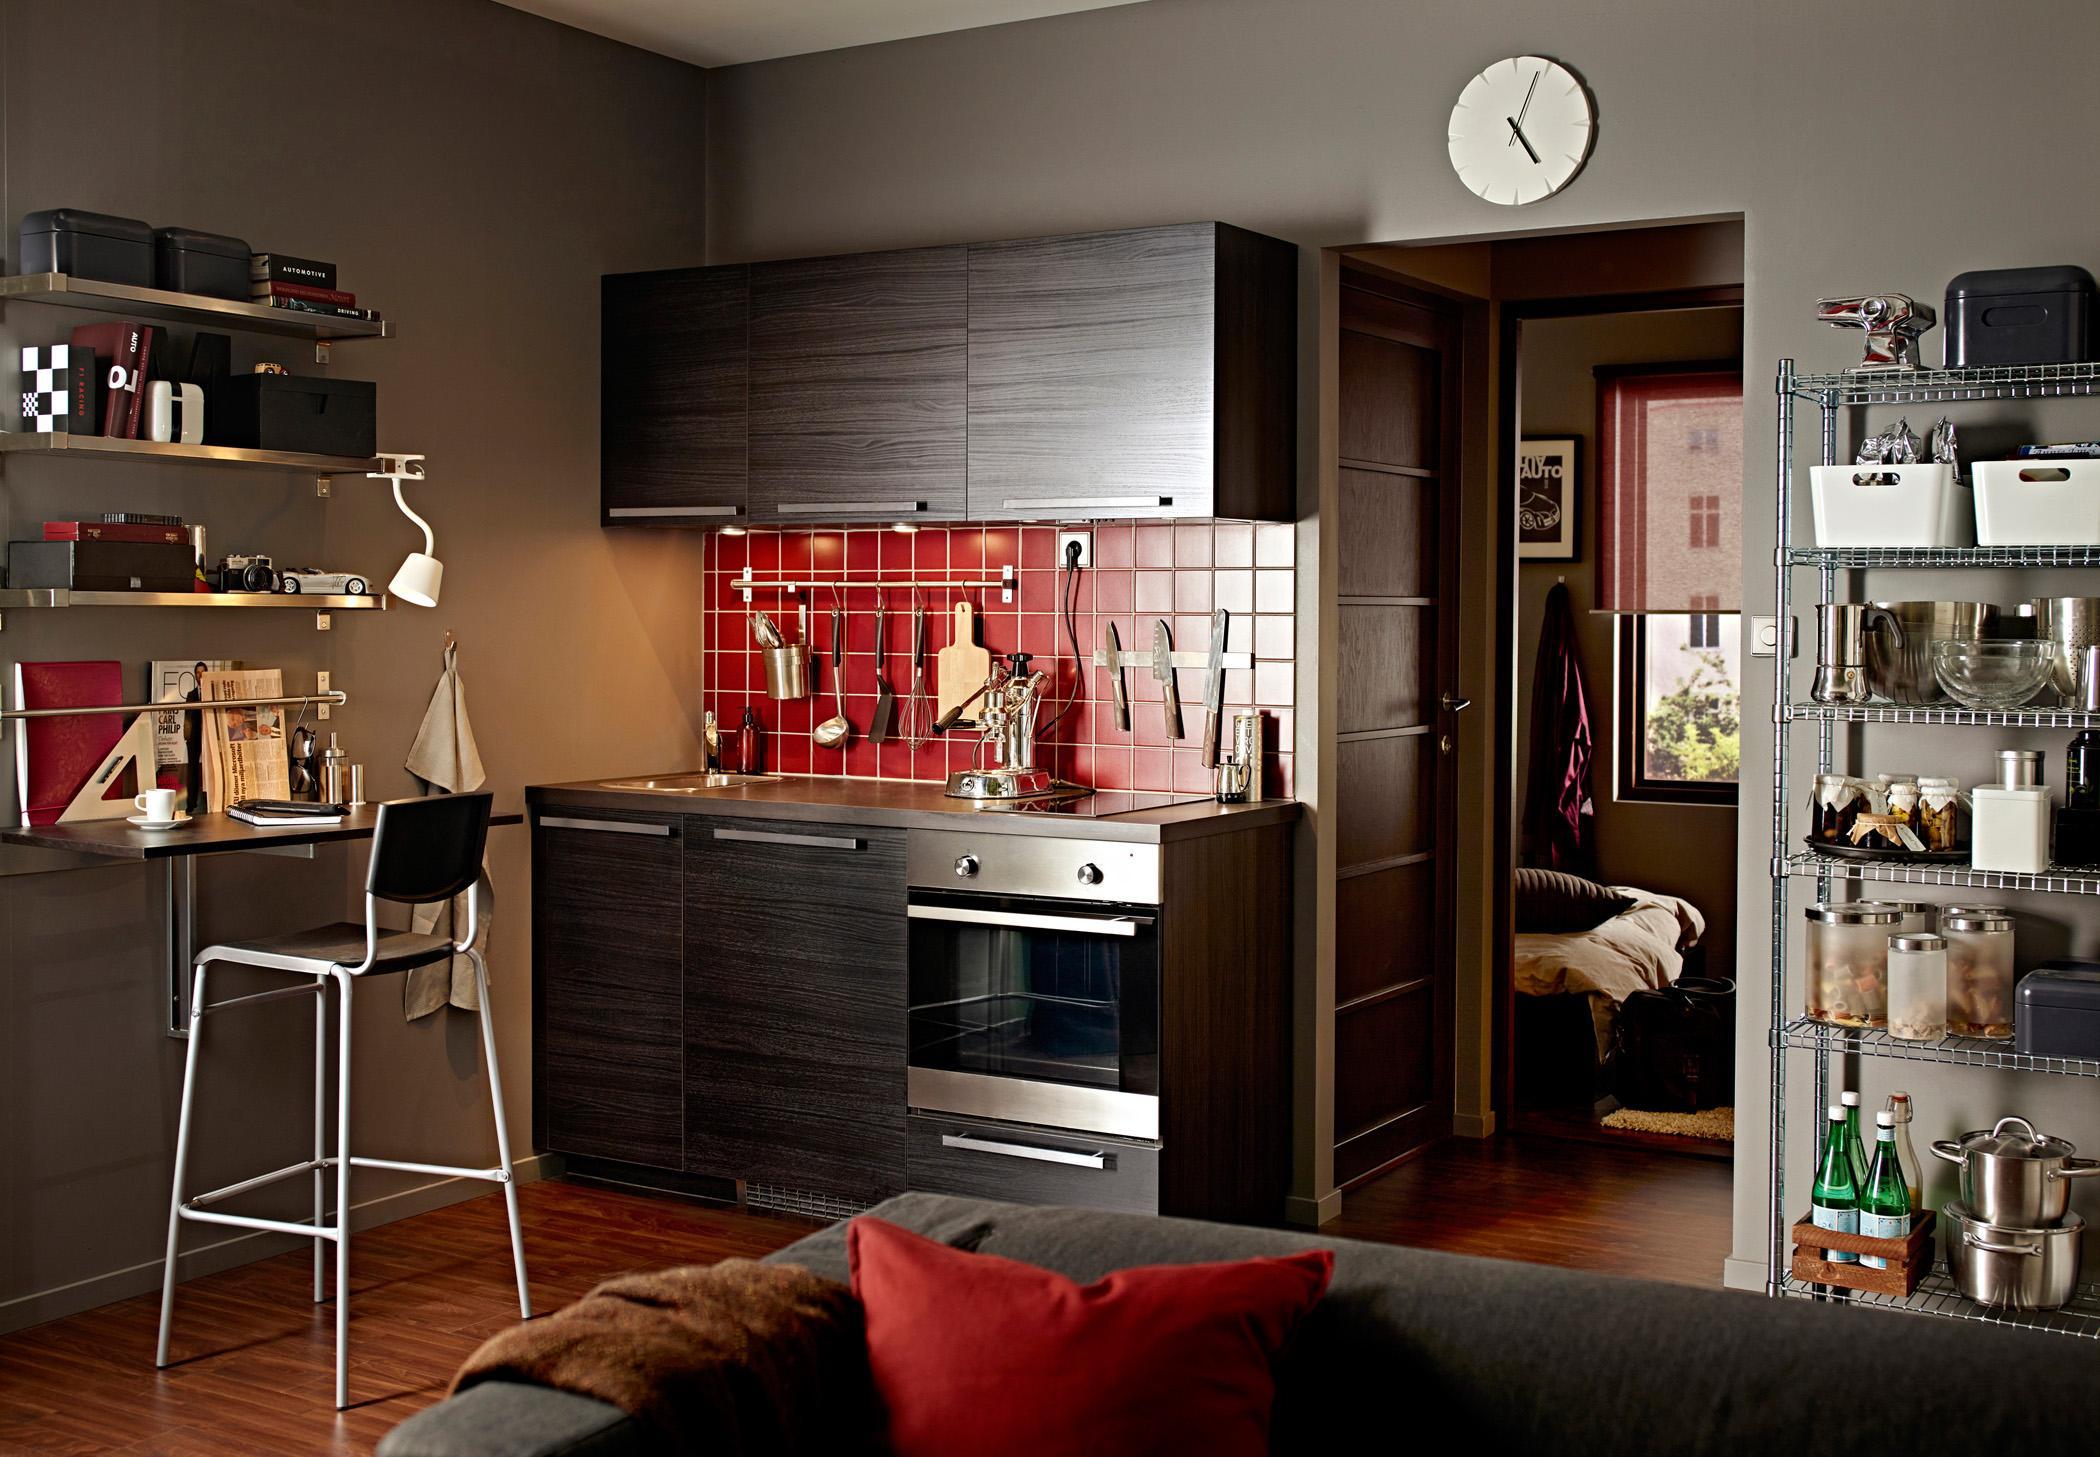 Full Size of Pantrykche Wohnideen Fr Minikchen Bei Couch Ikea Küche Kosten Kaufen Modulküche Betten Sofa Mit Schlaffunktion 160x200 Miniküche Wohnzimmer Ikea Miniküchen